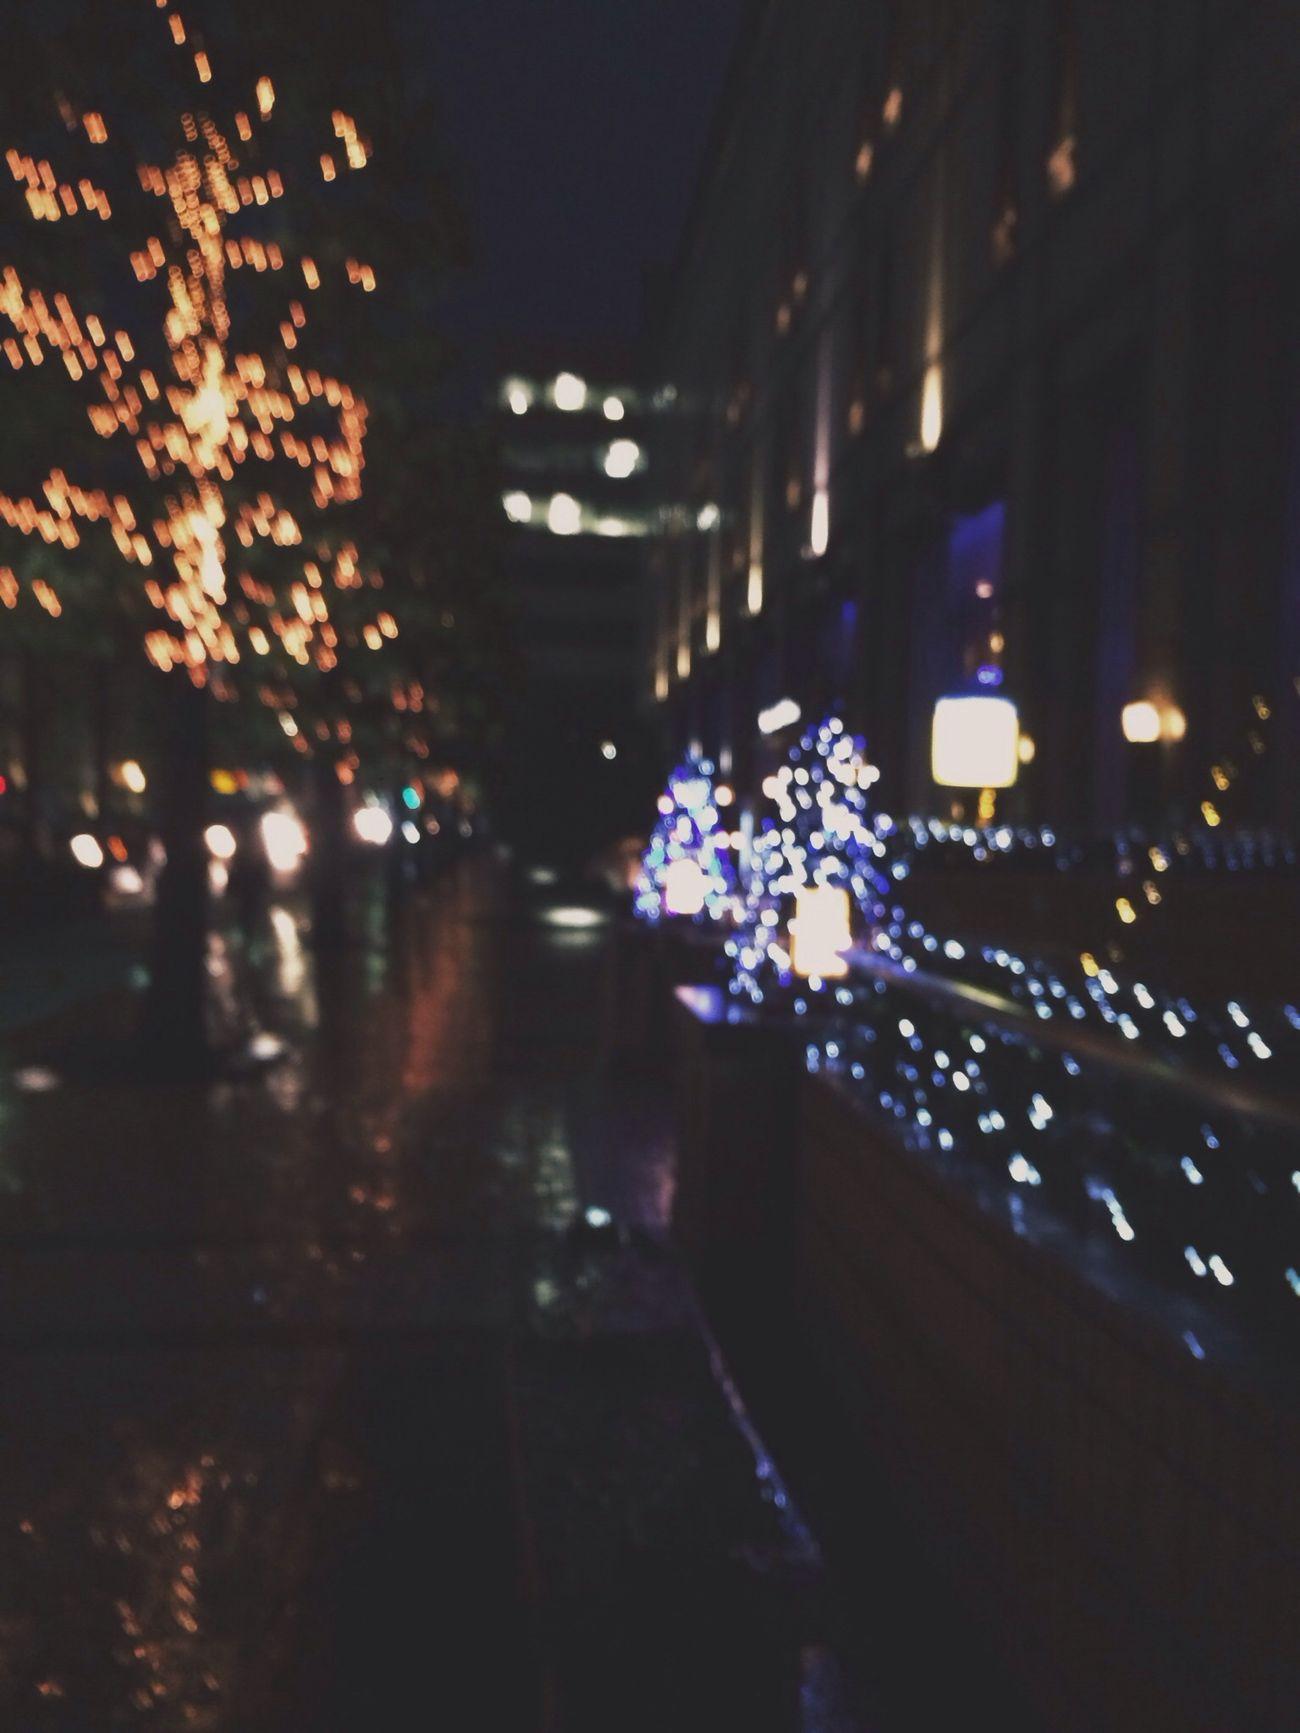 Rainy Nightlights